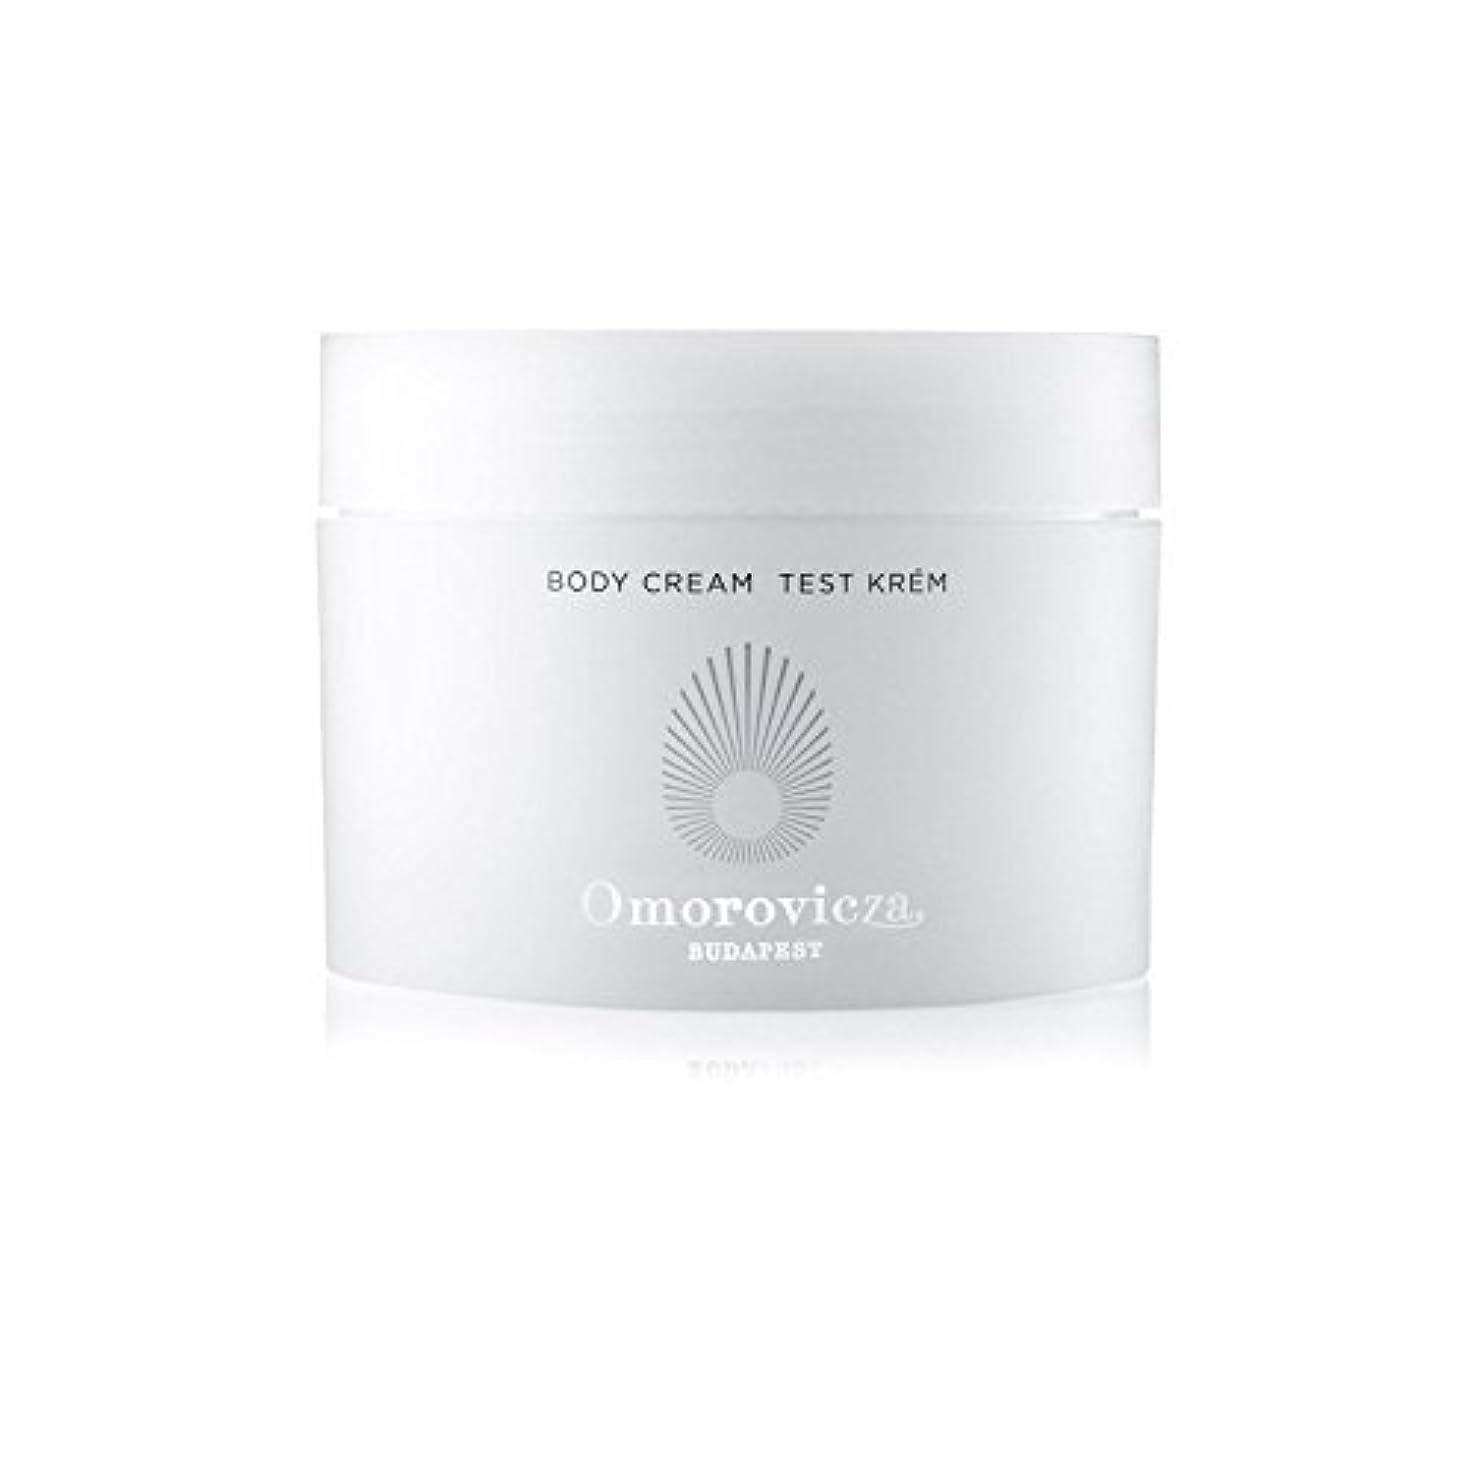 上昇アリーナ太鼓腹Omorovicza Body Cream (200ml) - ボディクリーム(200ミリリットル) [並行輸入品]